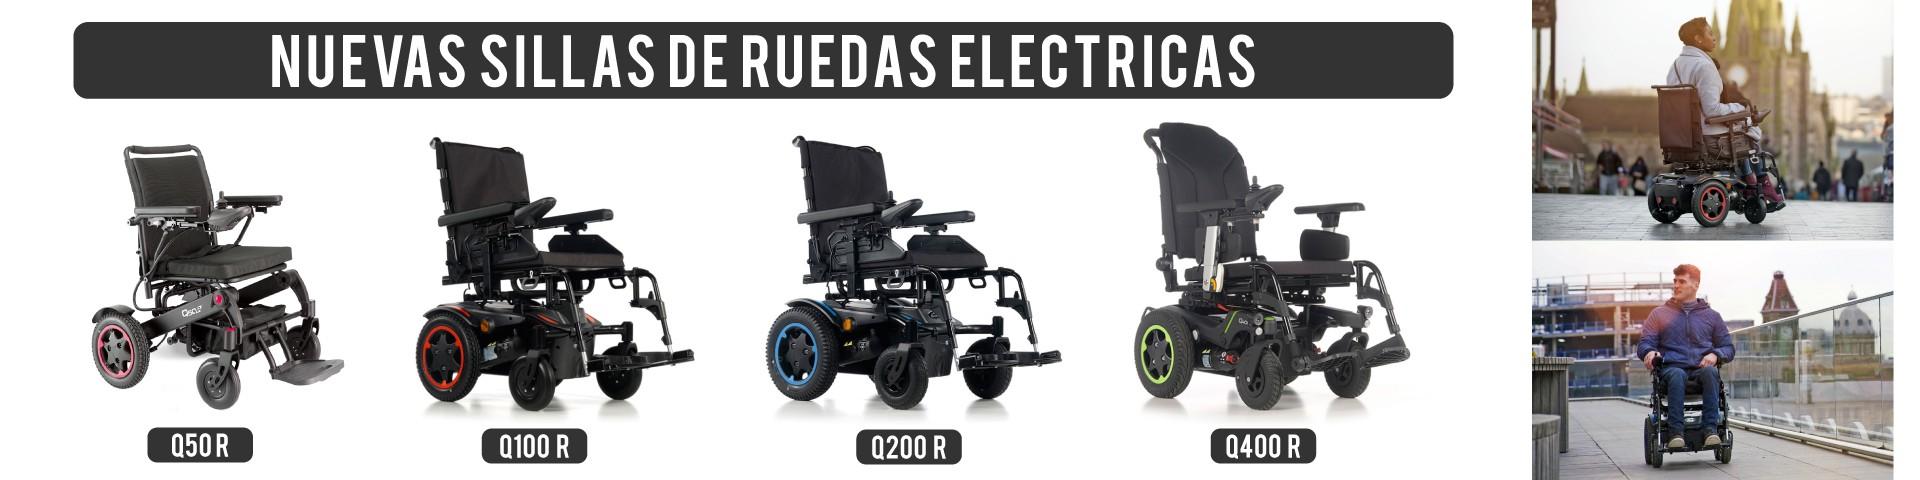 Nuevas sillas de ruedas eléctricas